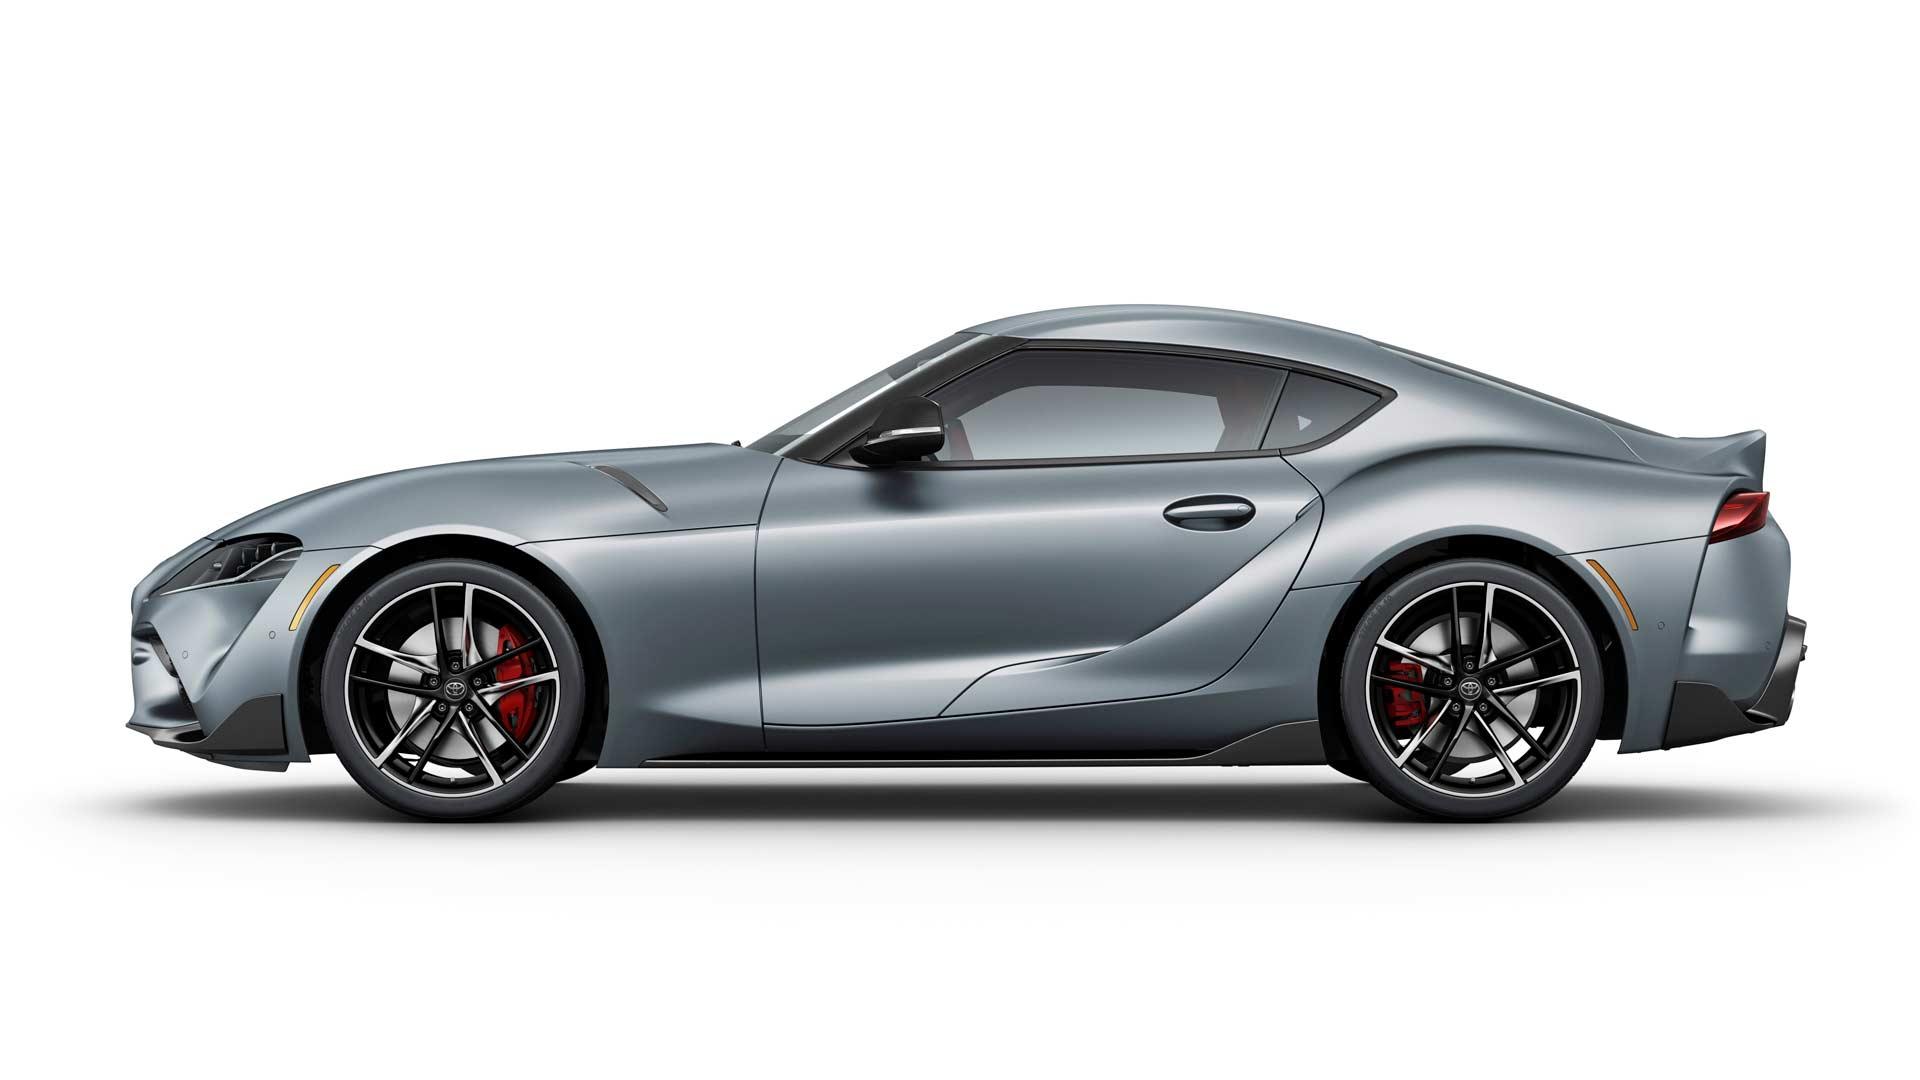 2020-Toyota-Supra-Matte-Grey_3